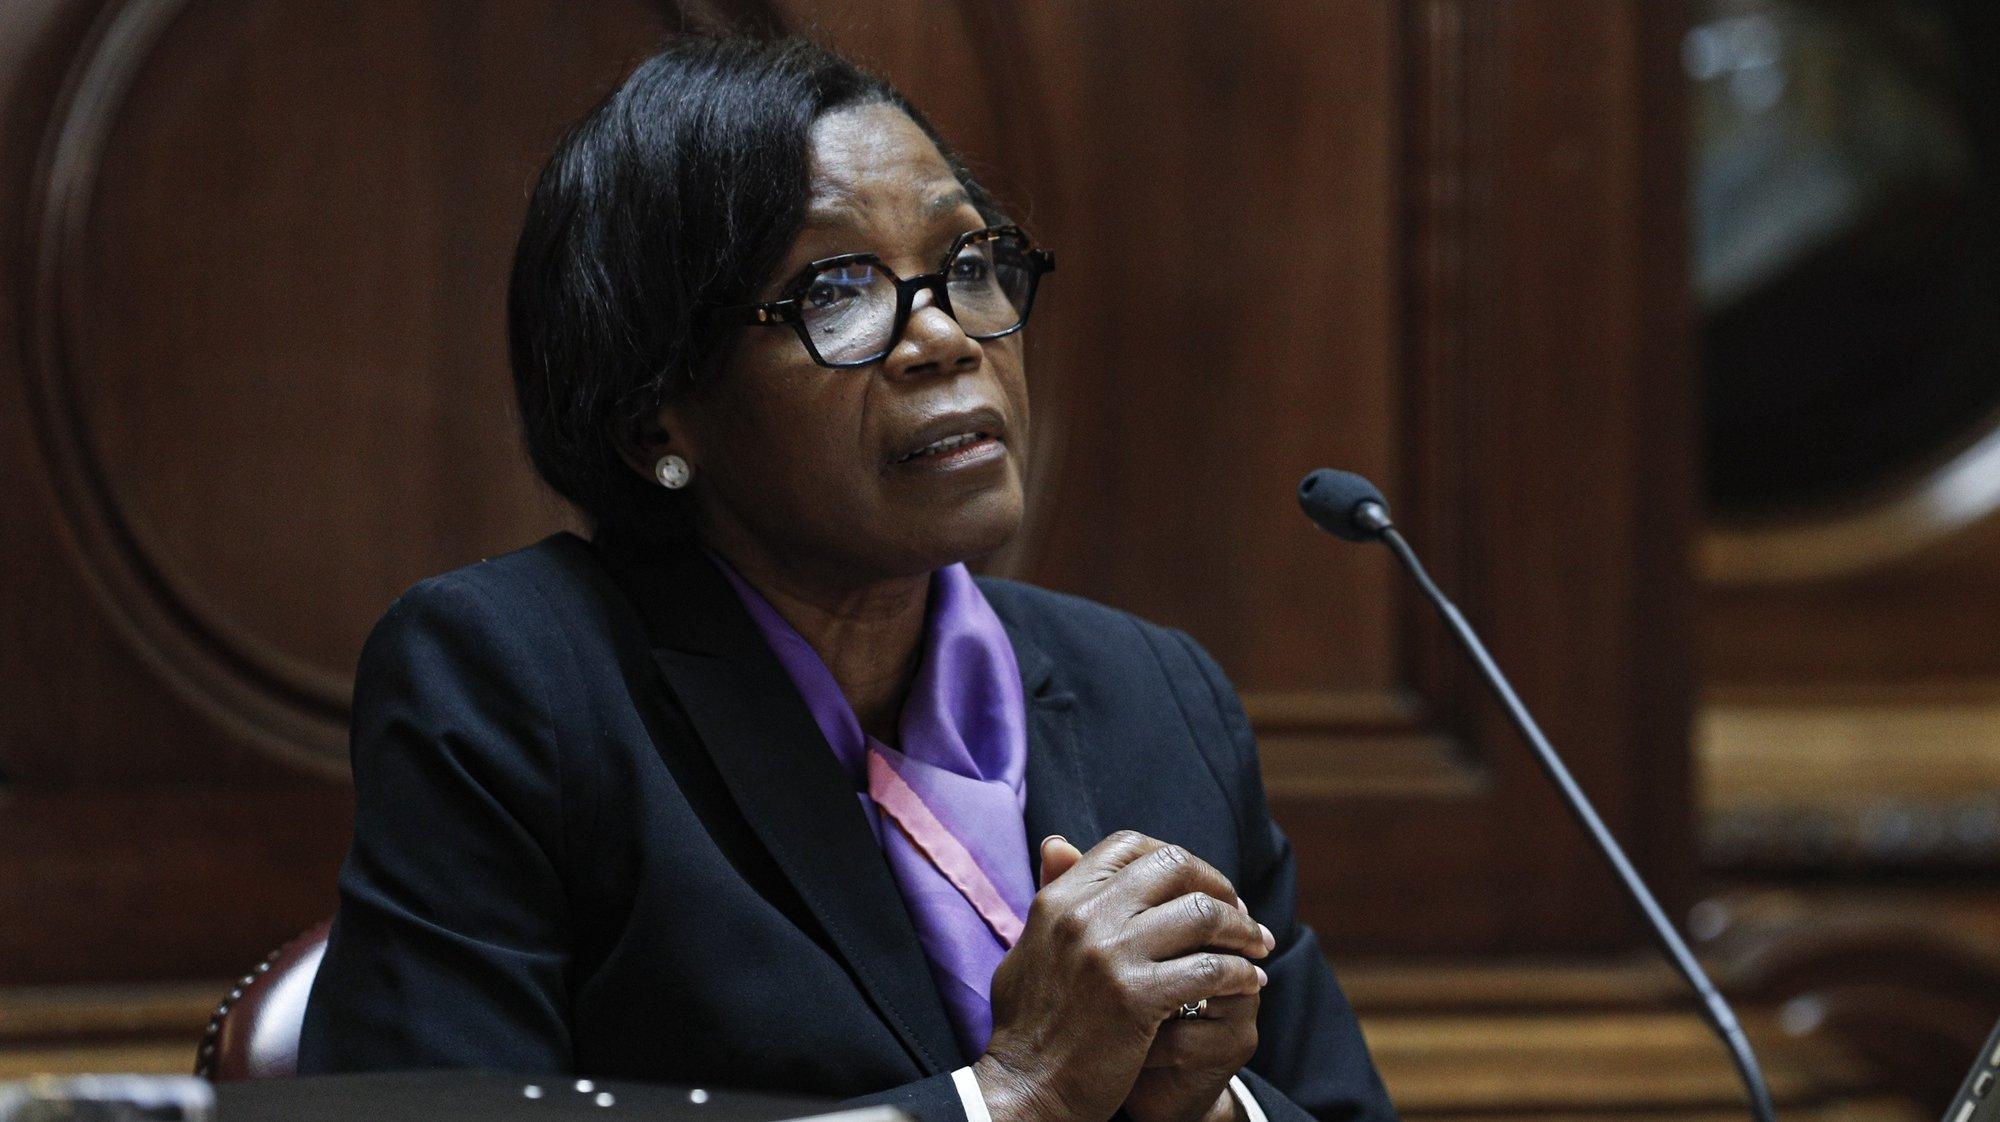 A ministra da Justiça, Francisca Van Dunem, durante a sua audição perante a Comissão de Assuntos Constitucionais, Direitos, Liberdades e Garantias, na Assembleia da República, em Lisboa, 23 de junho de 2021. ANTÓNIO COTRIM/LUSA